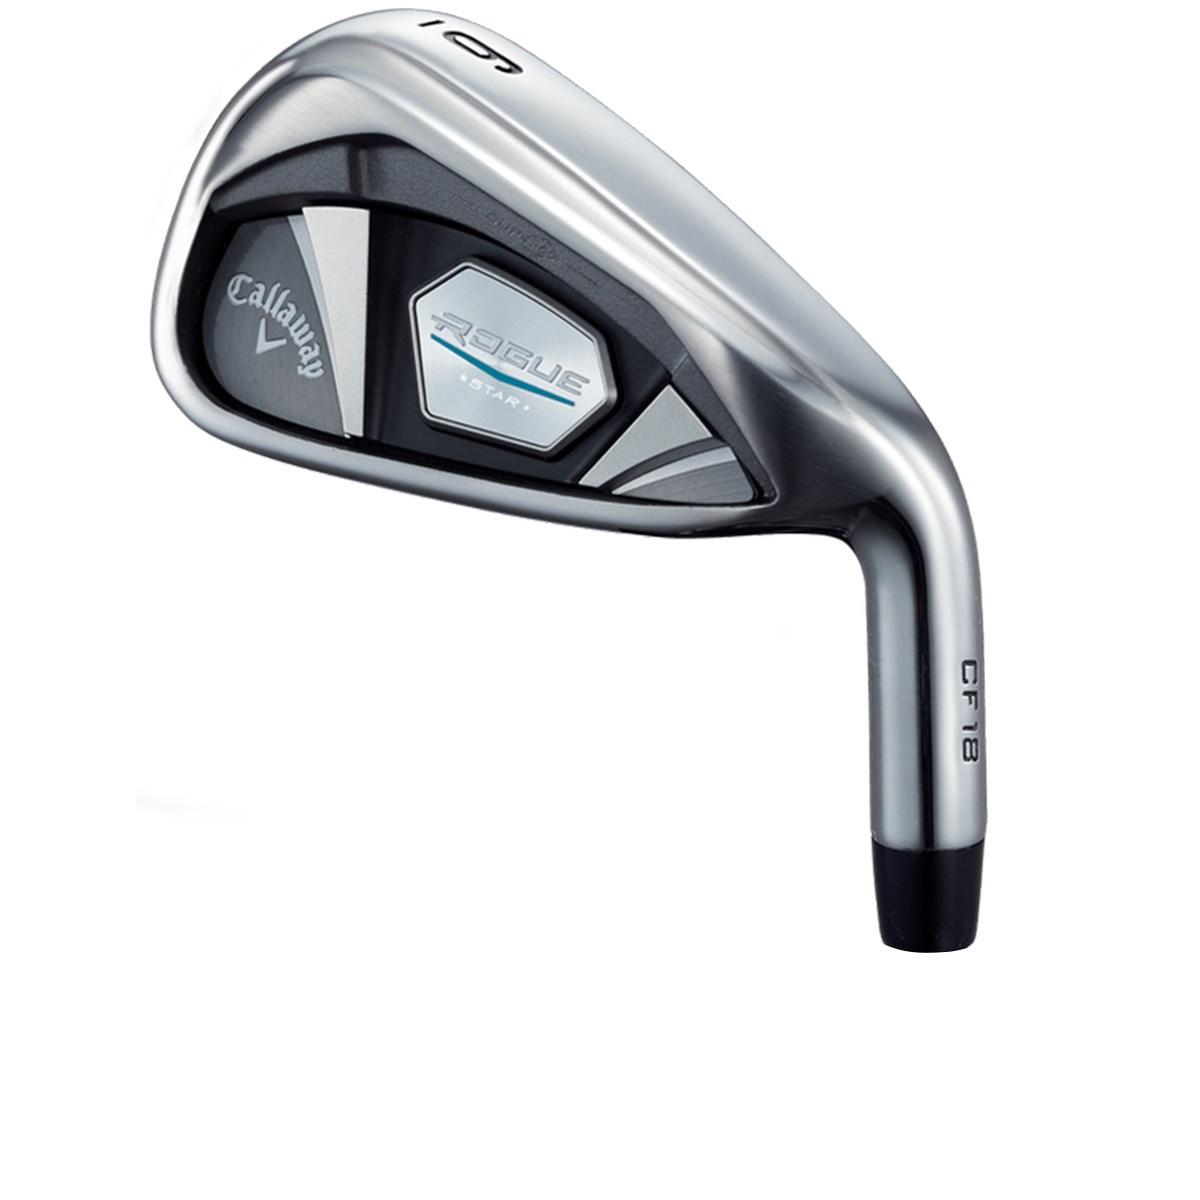 キャロウェイゴルフ(Callaway Golf) ローグ スター アイアン(単品) Speeder Evolution for CW 60